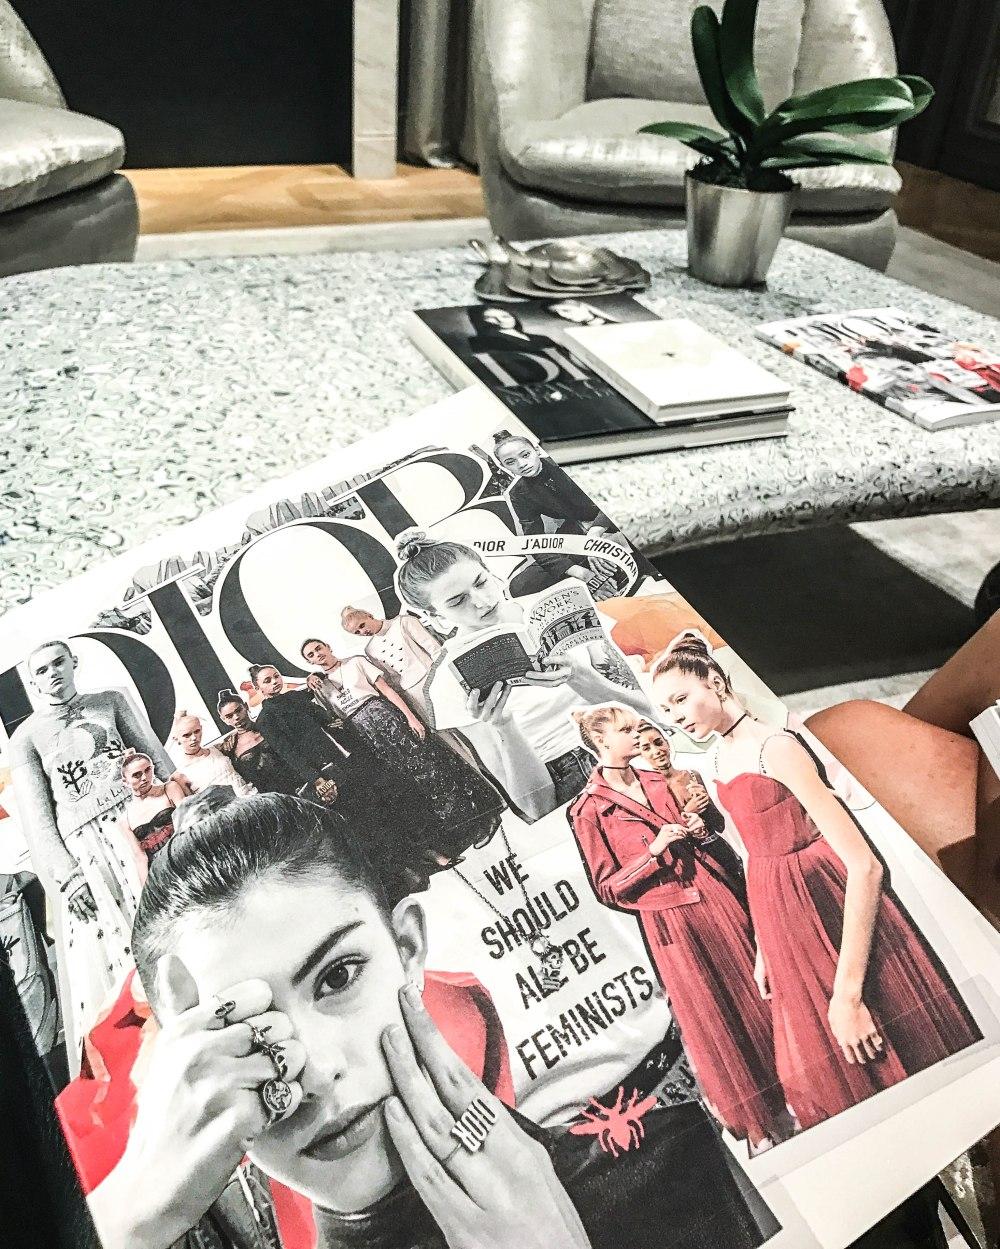 Dior ion Singapore catalogue